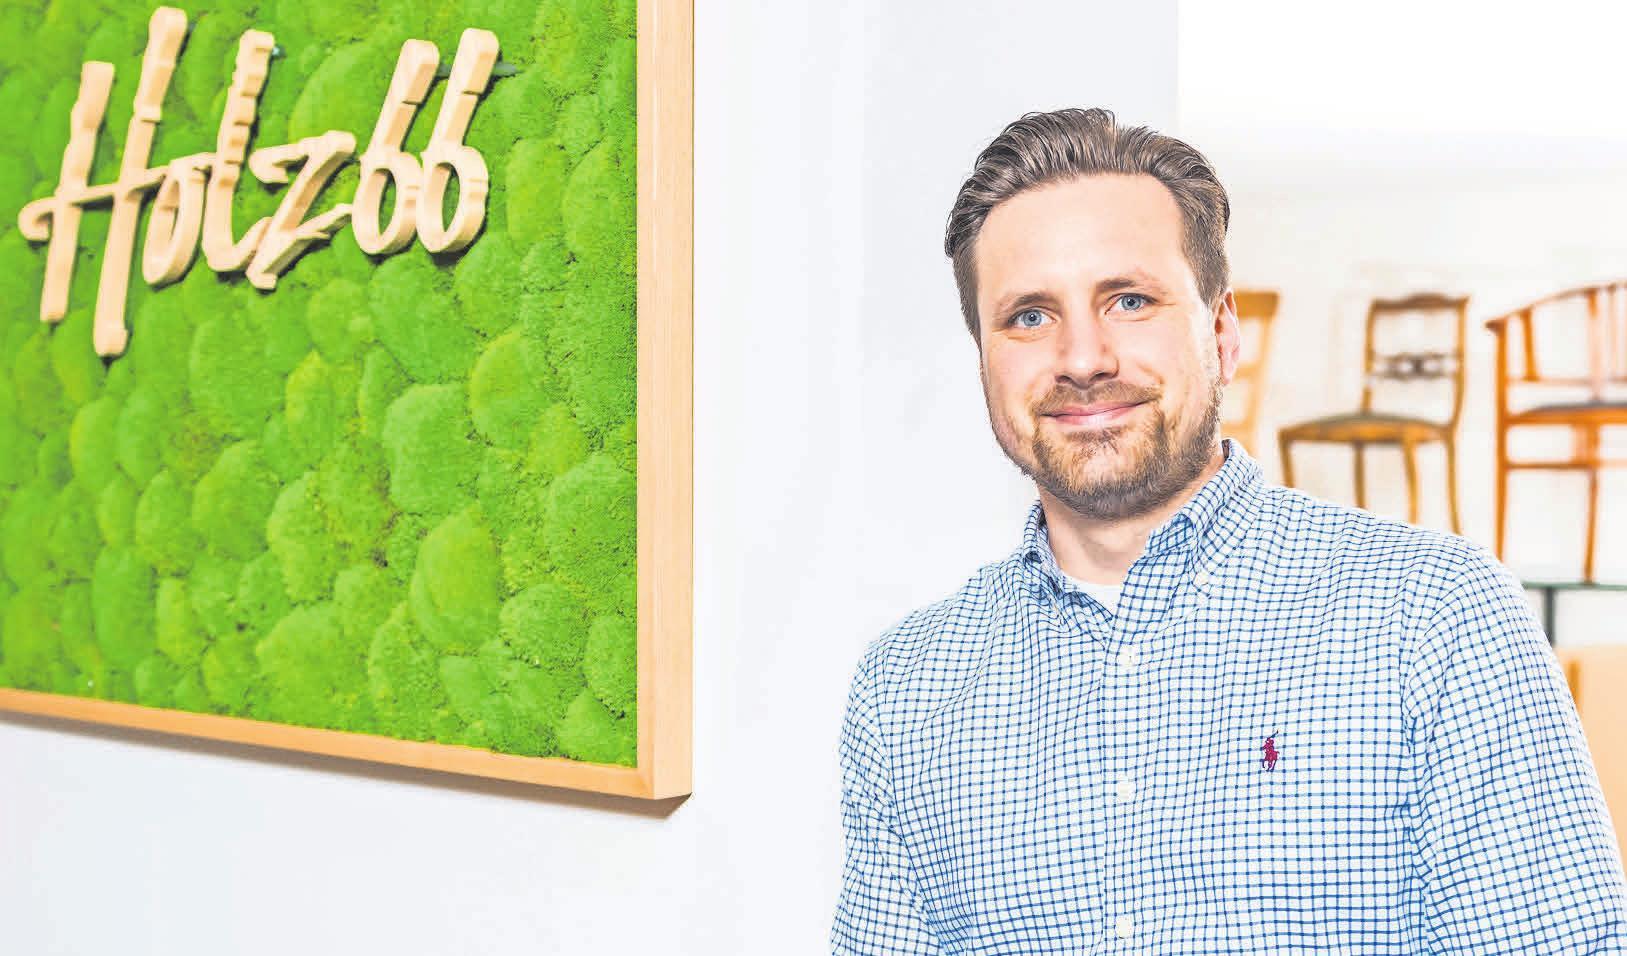 Wojciech Pawelski ist Inhaber von Holz66, das erst vor Kurzem aus dem Stadtteil Kirchrode an die Marienstraße gezogen ist.